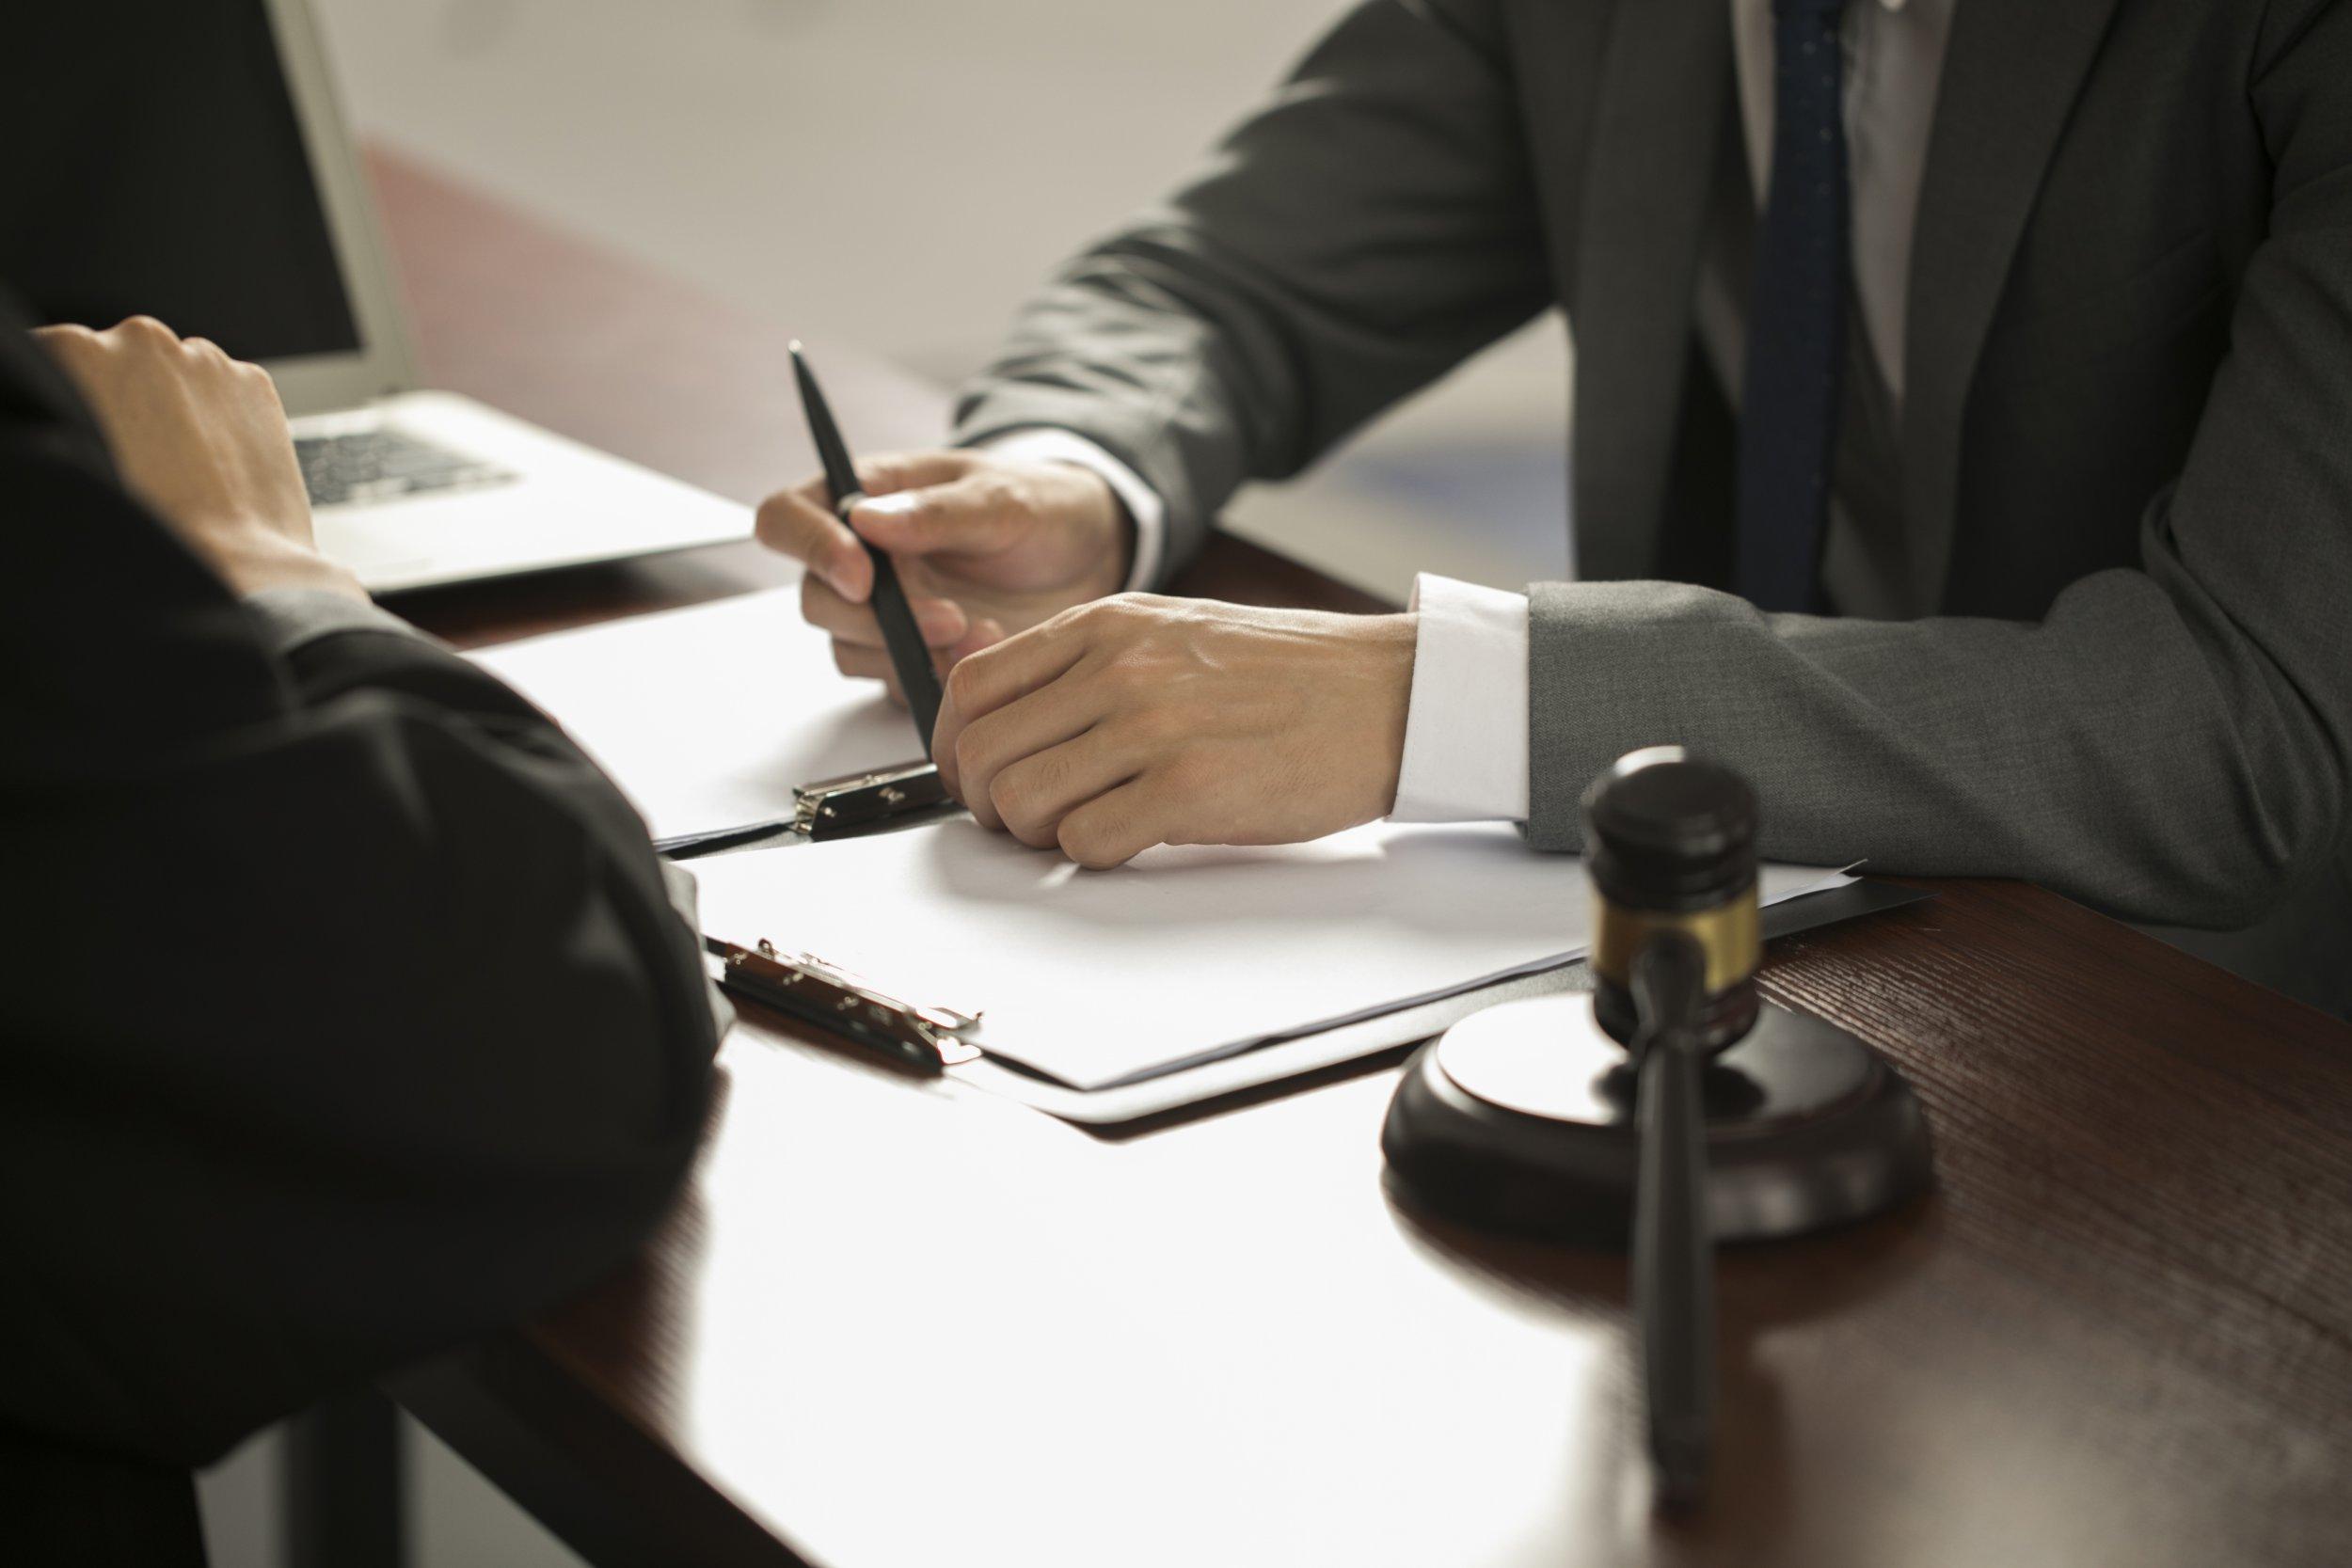 家宁律师说法:婚前财产离婚后归谁?